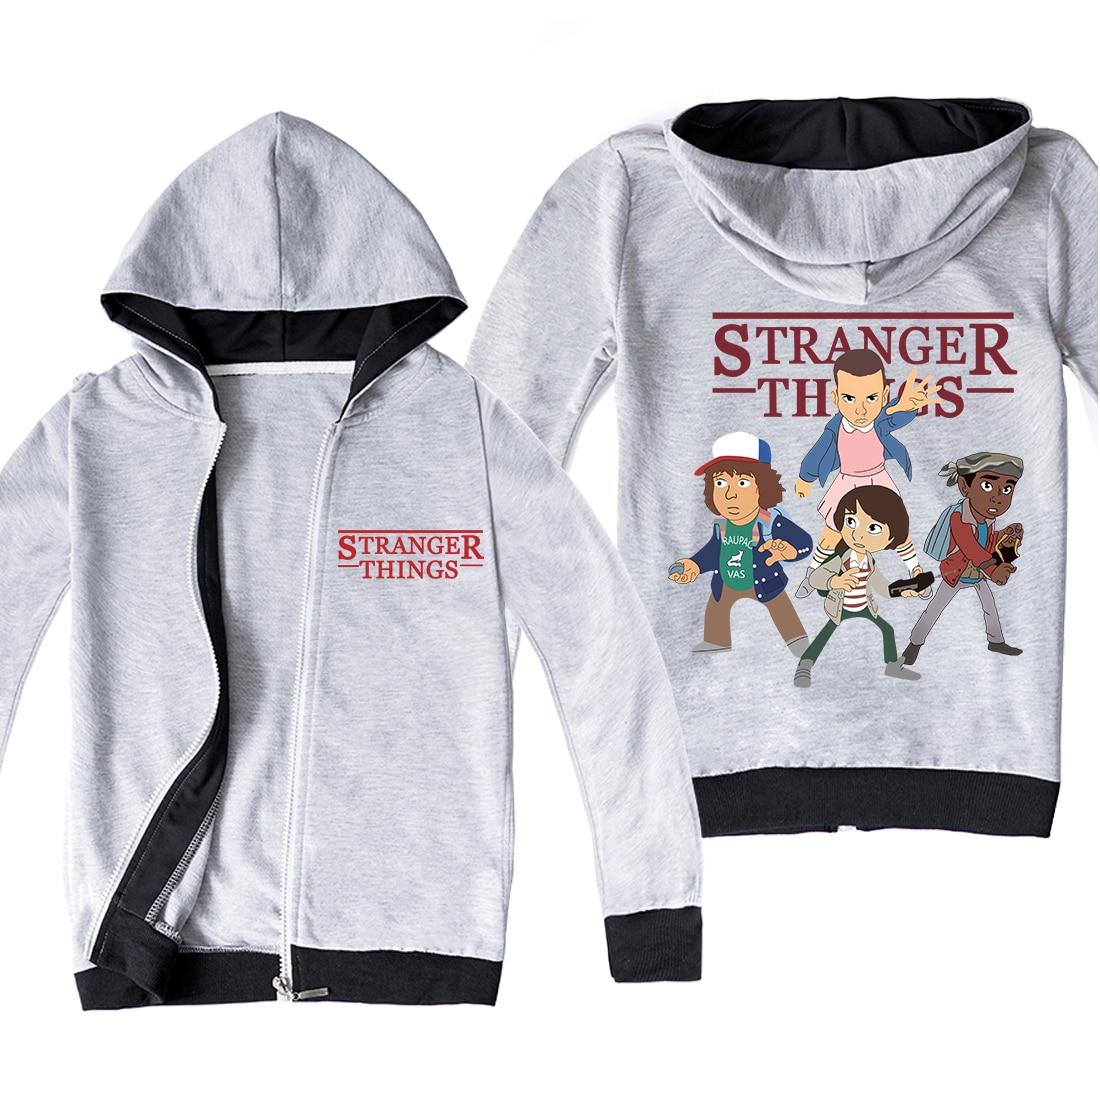 estranho coisas ziper hoodies manga longa impressao dos desenhos animados oversized hoodie camisetas topos meninas criancas